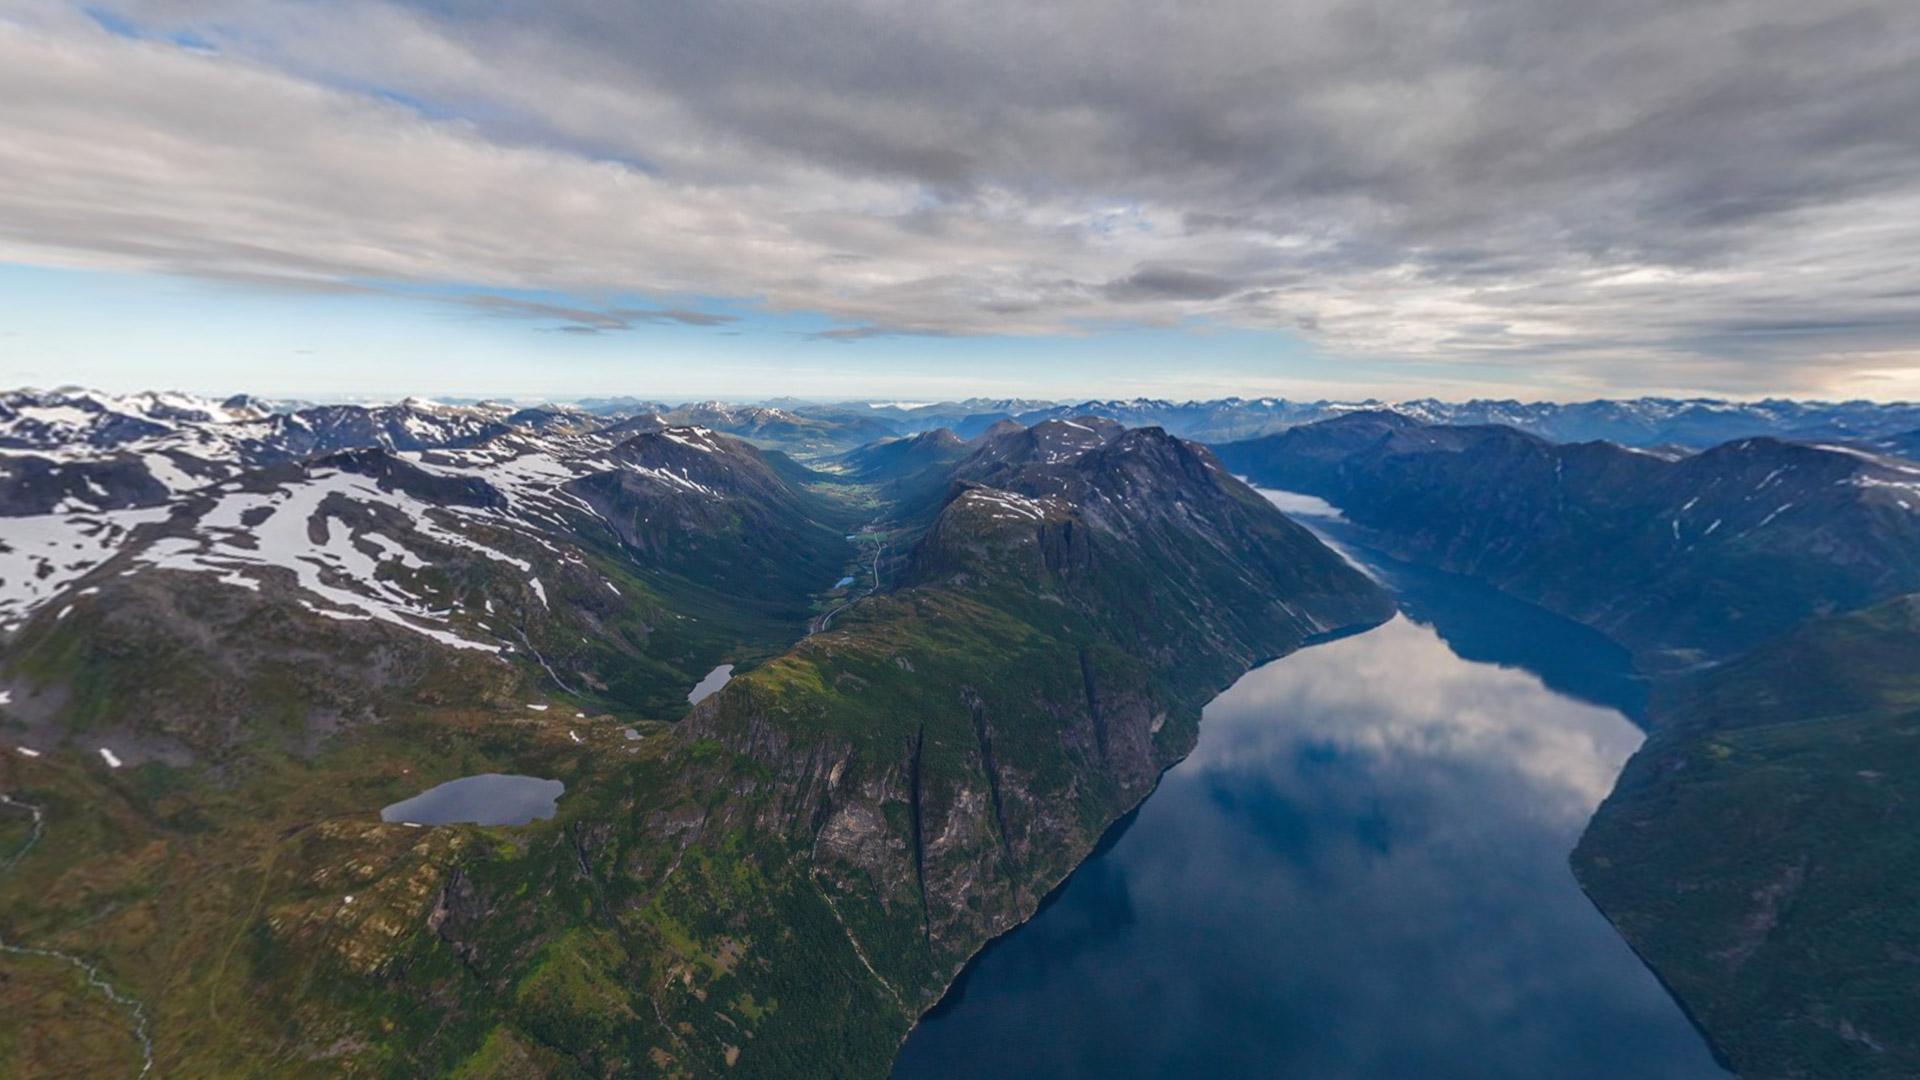 Hình nền thiên nhiên đẹp từ Bing